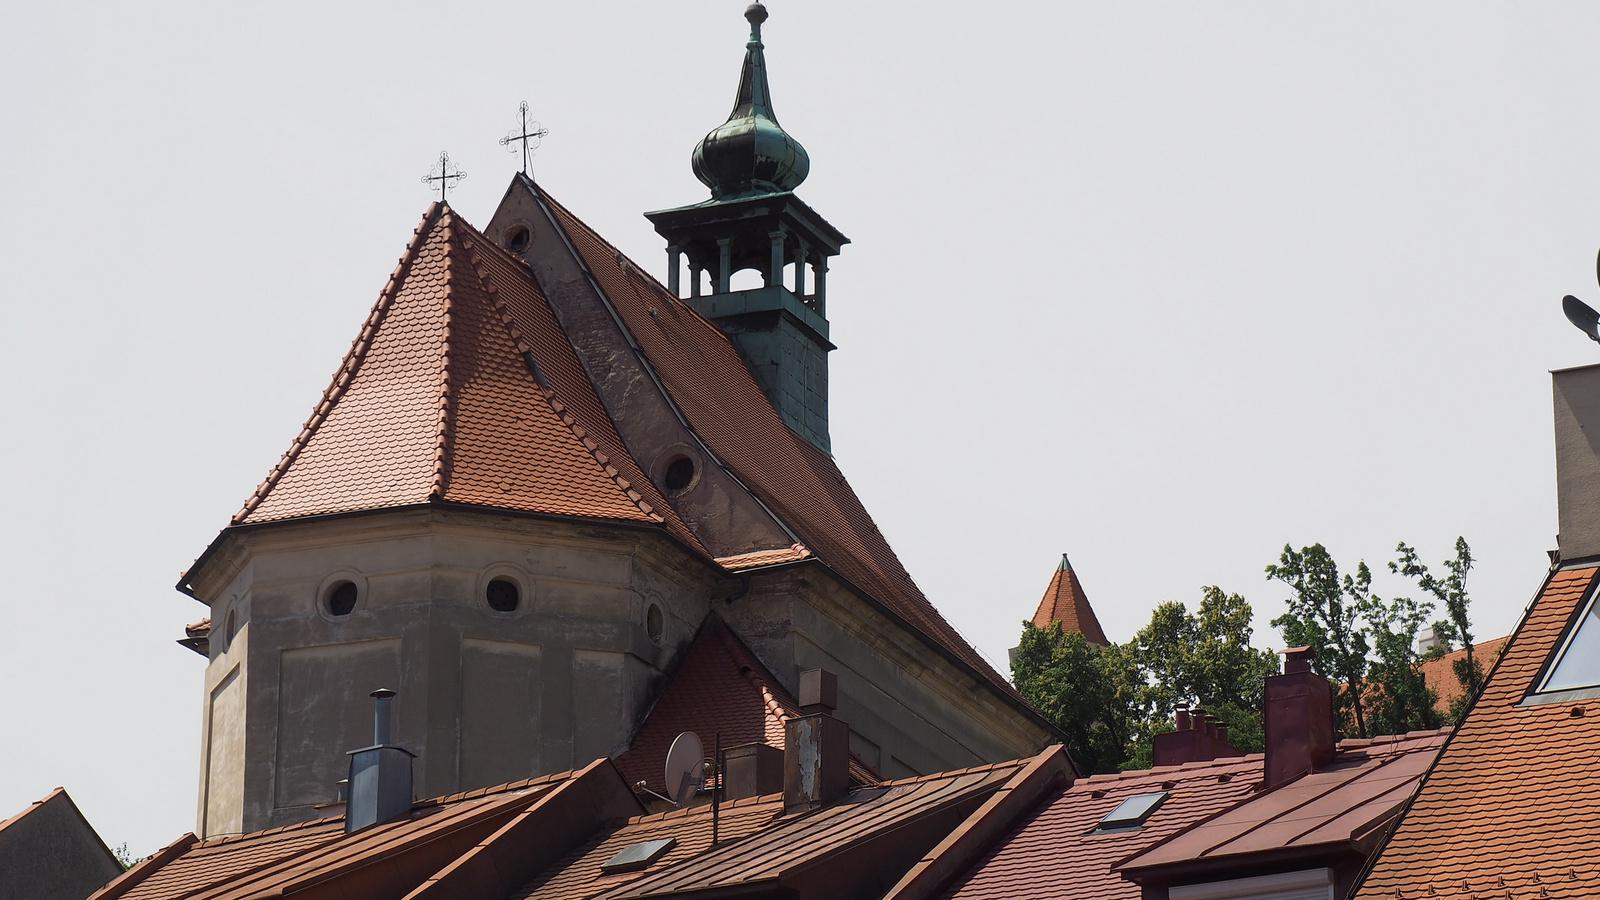 Pozsony, Chrám sv. Mikuláša (Szt. Miklós templom), SzG3